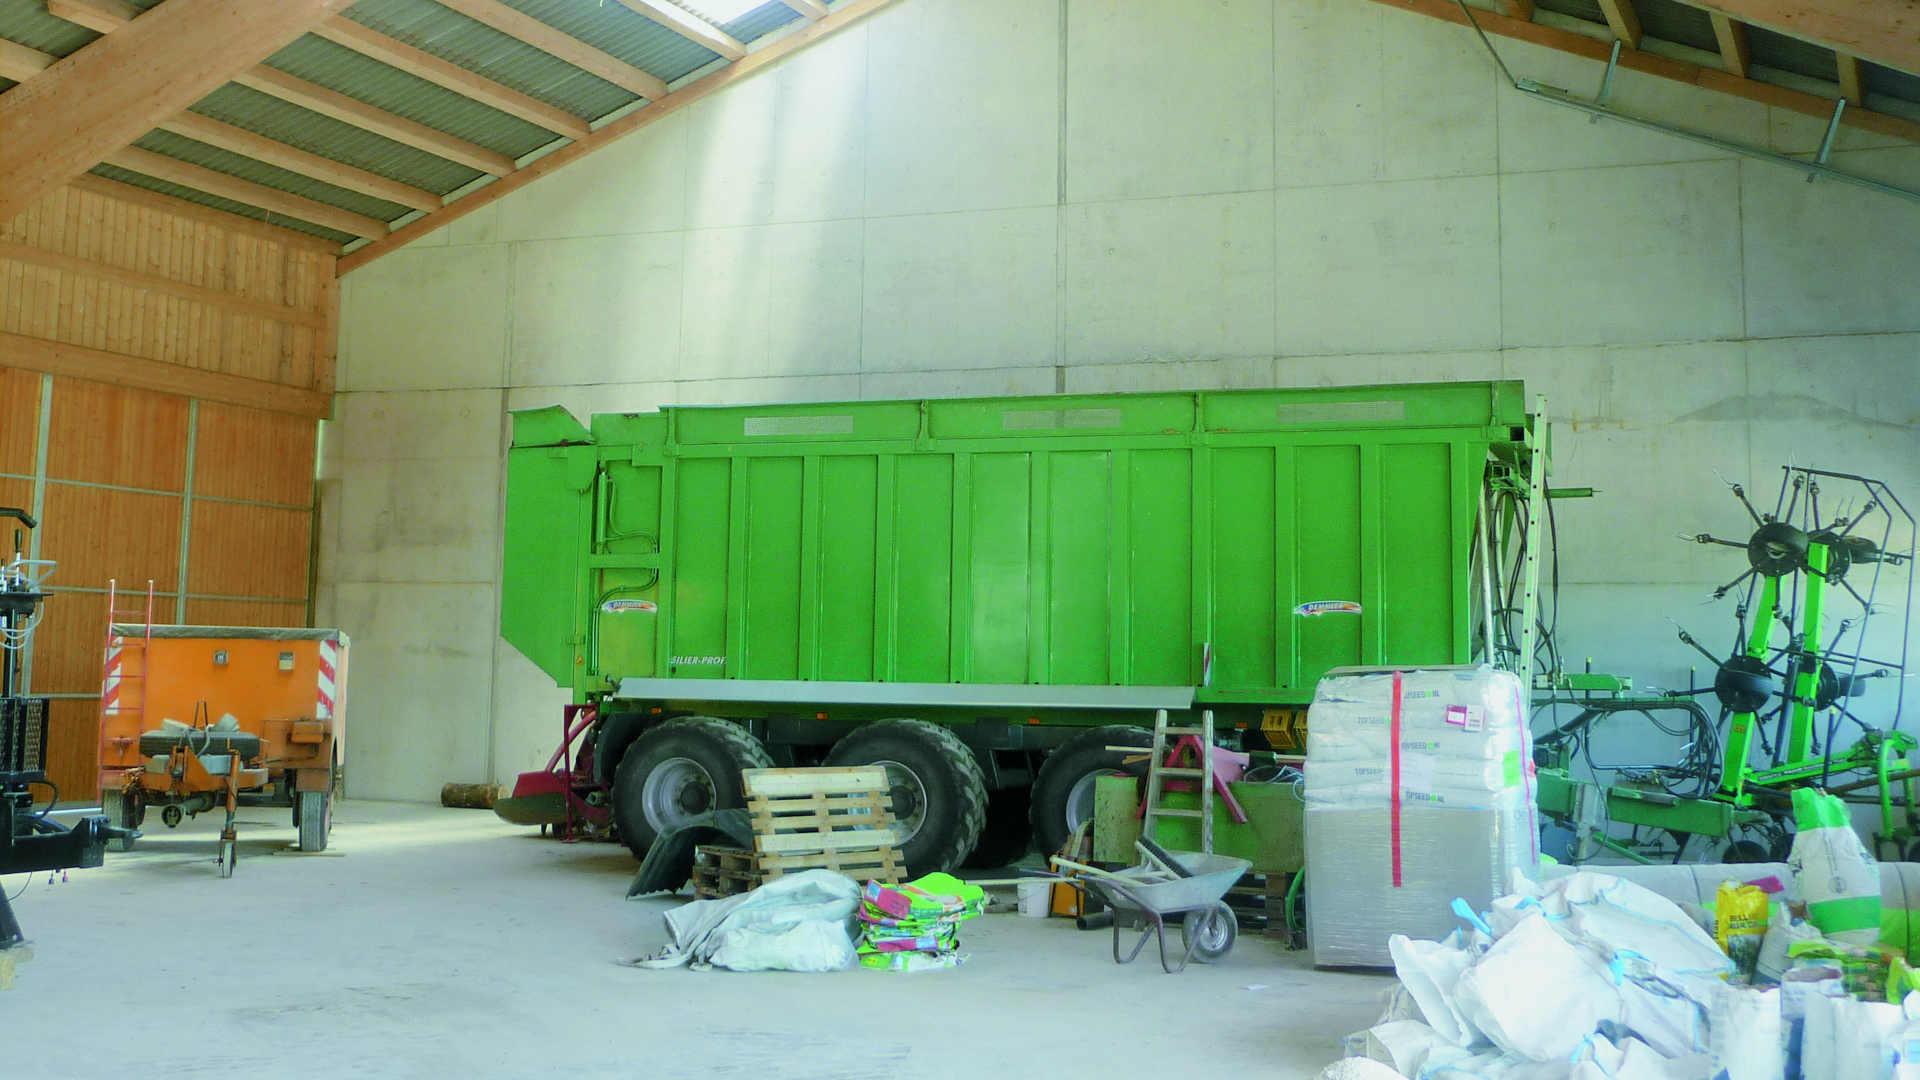 Gewerbe u. Industriebau erbaut durch das Baugeschäft W. Semtner GmbH in Mauerstetten bei Kaufbeuren